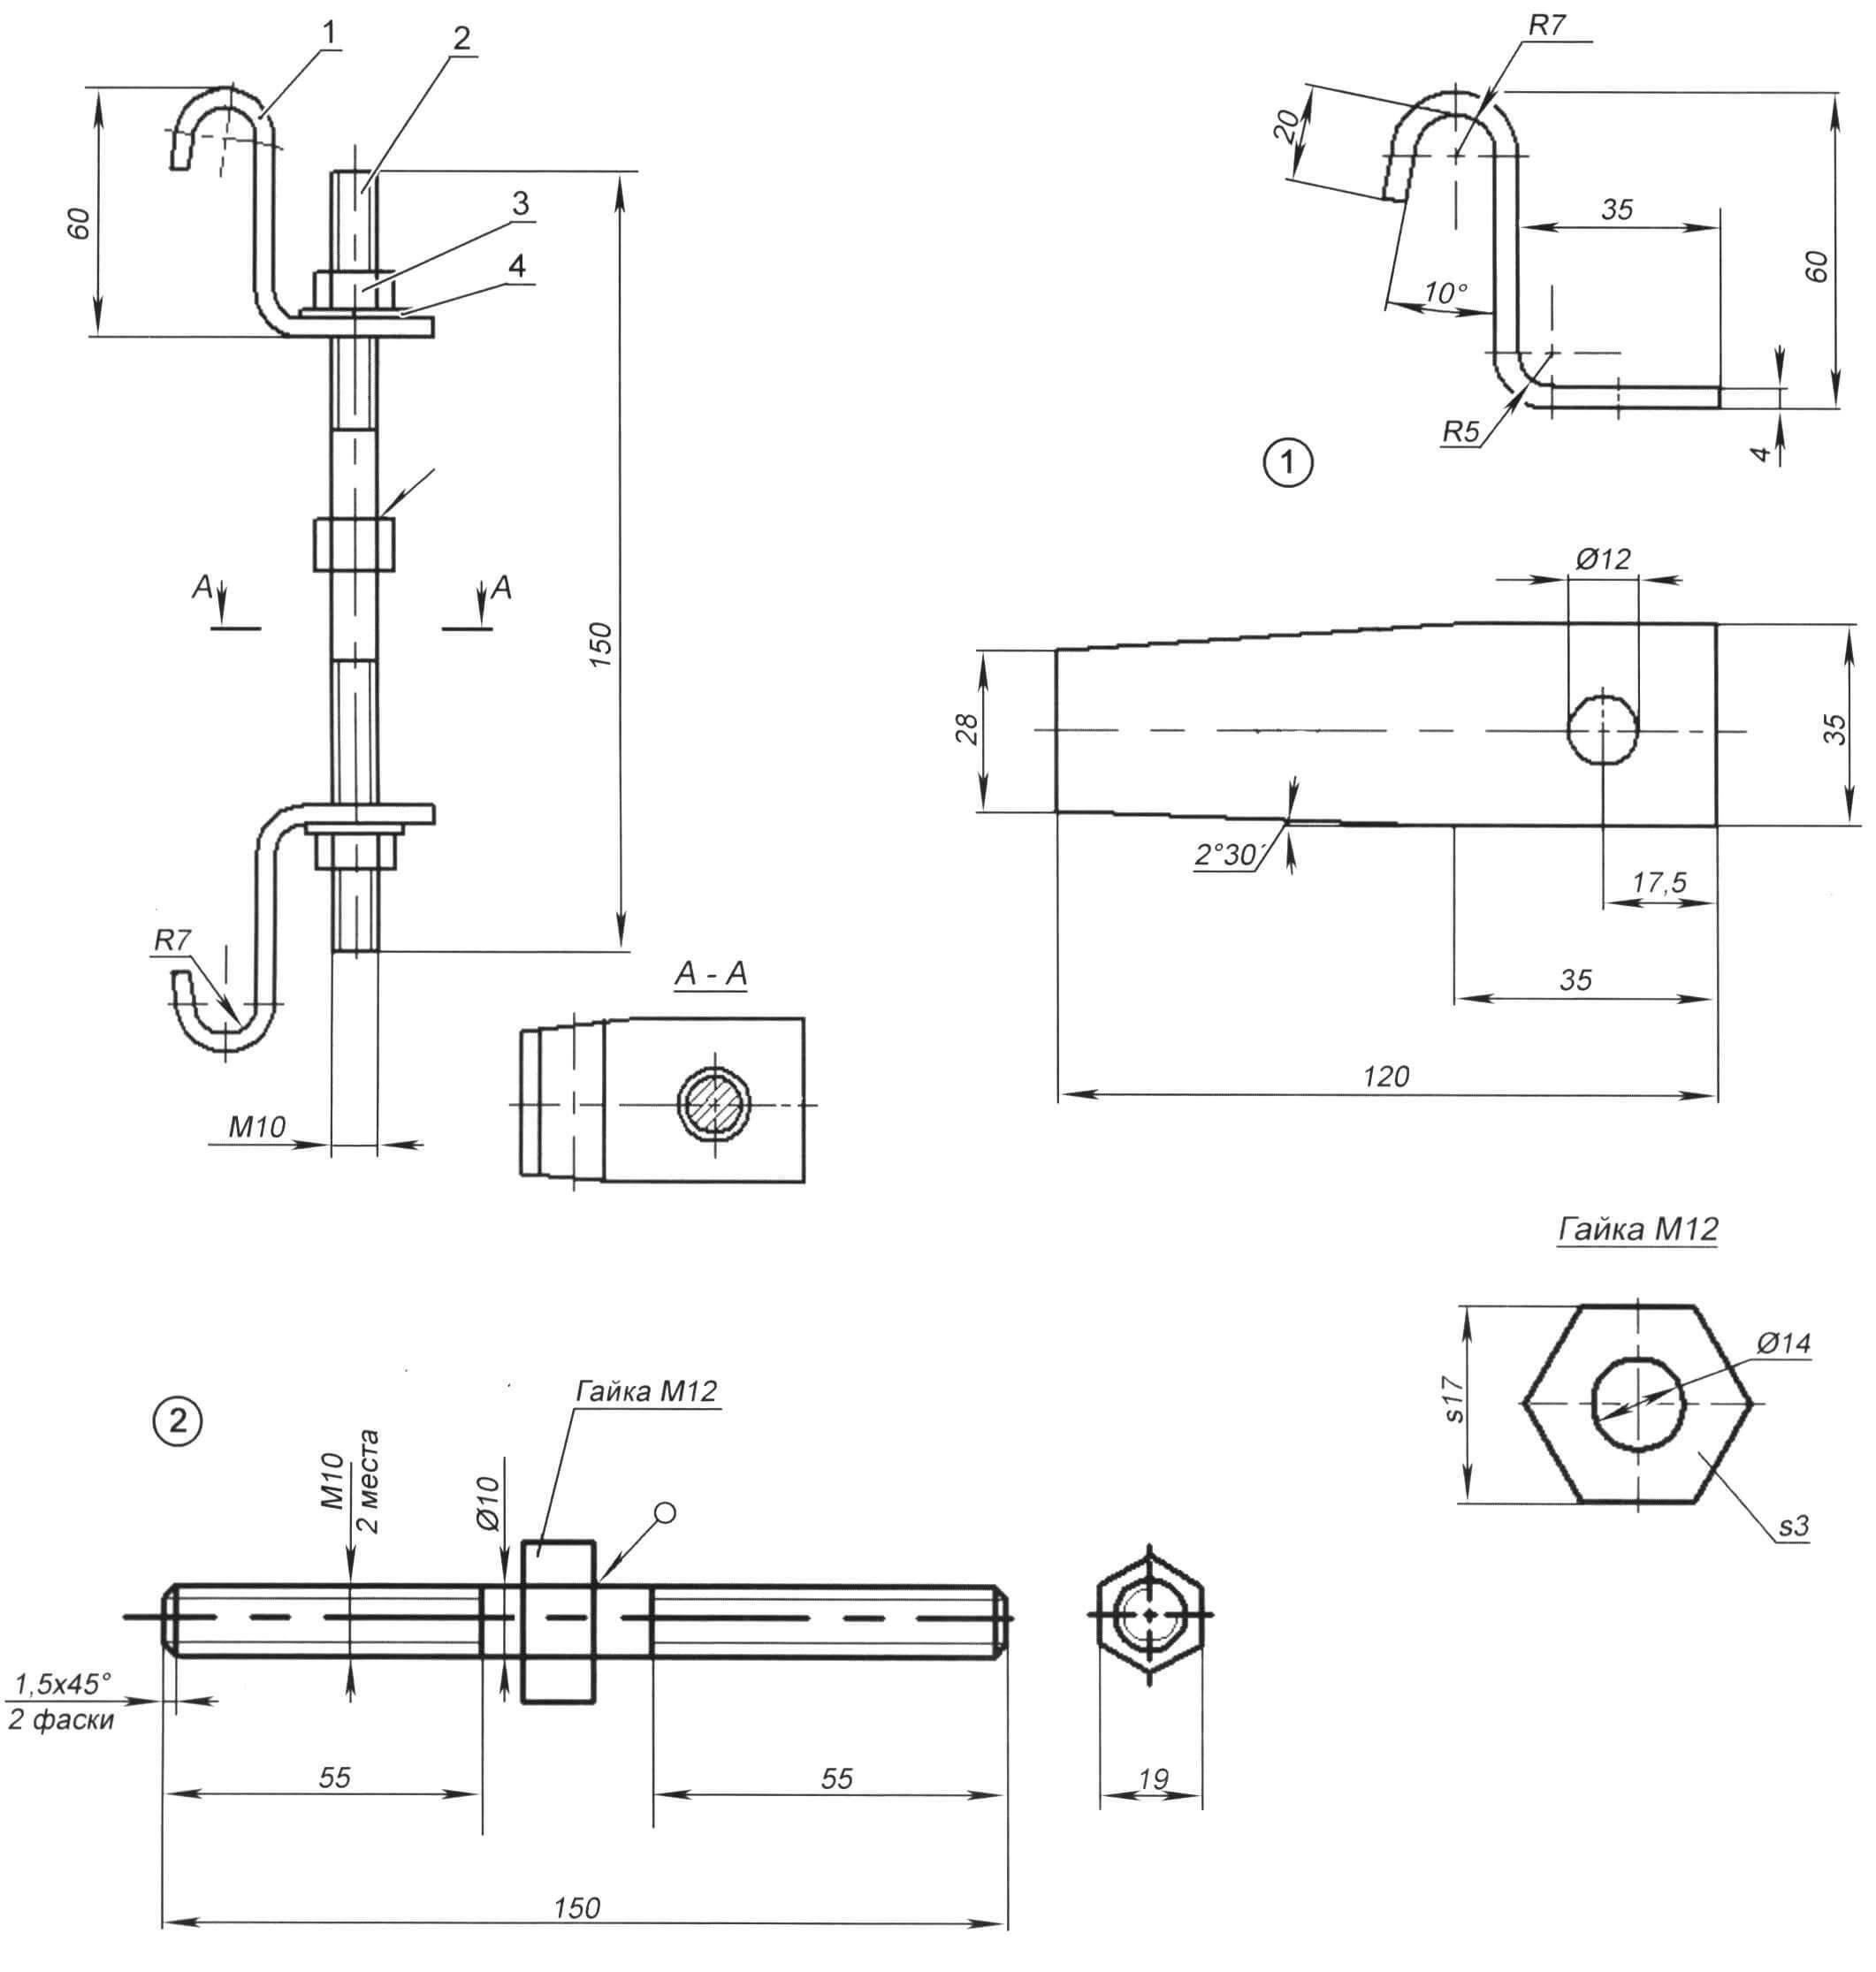 Рис. 2. Приспособление (№ 2) для сжатия пружины задней подвески (в комплекте 3 единицы)